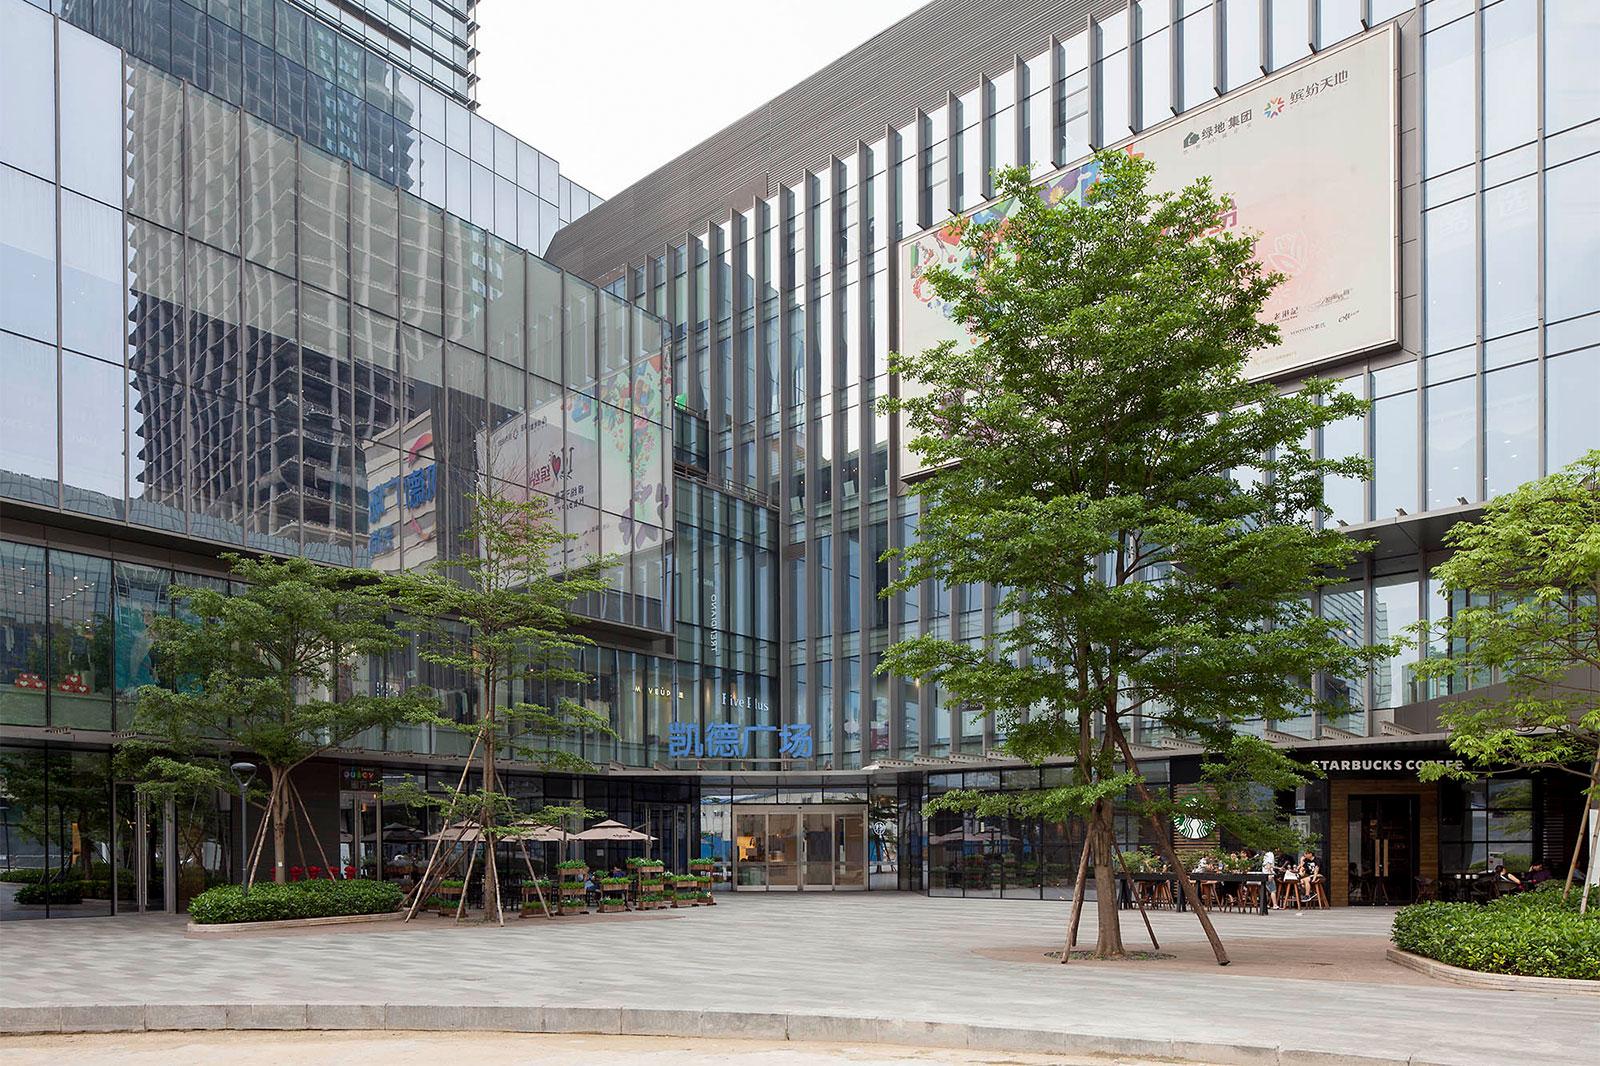 Guangzhou Greenland Financial Centre